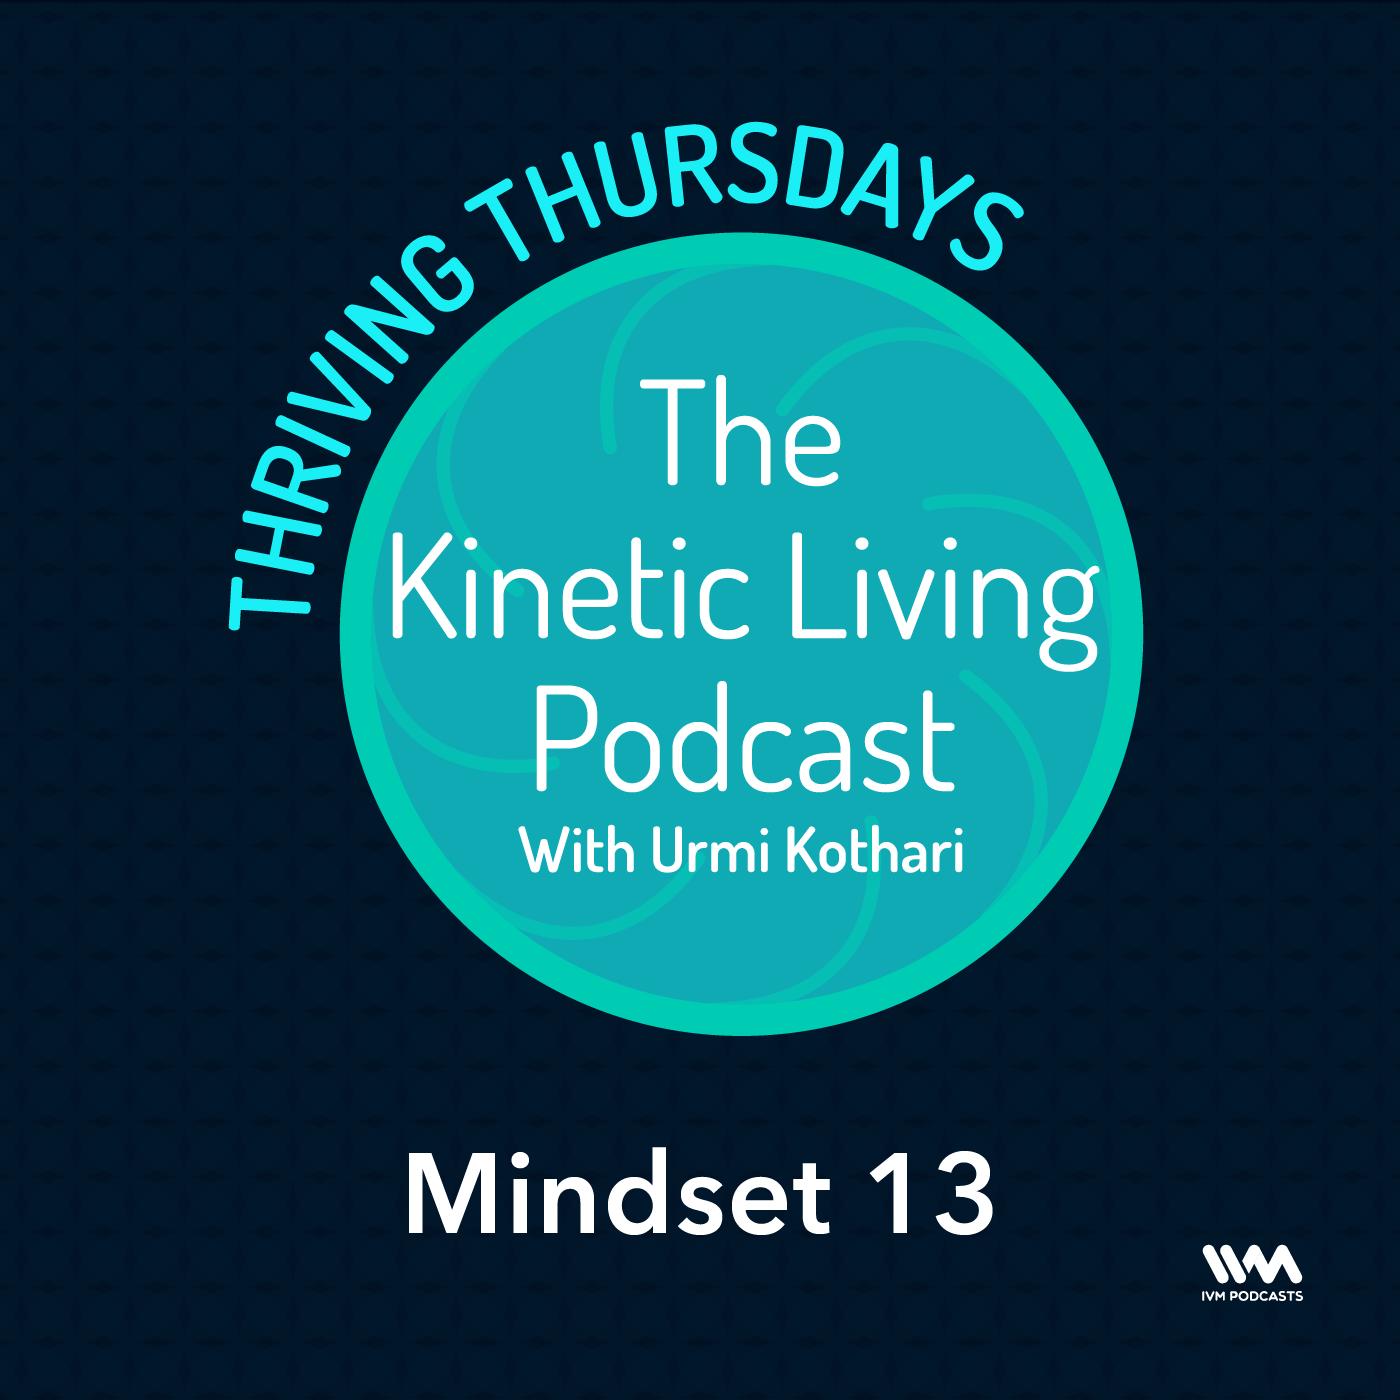 S02 E13: Thriving Thursday: Mindset 13